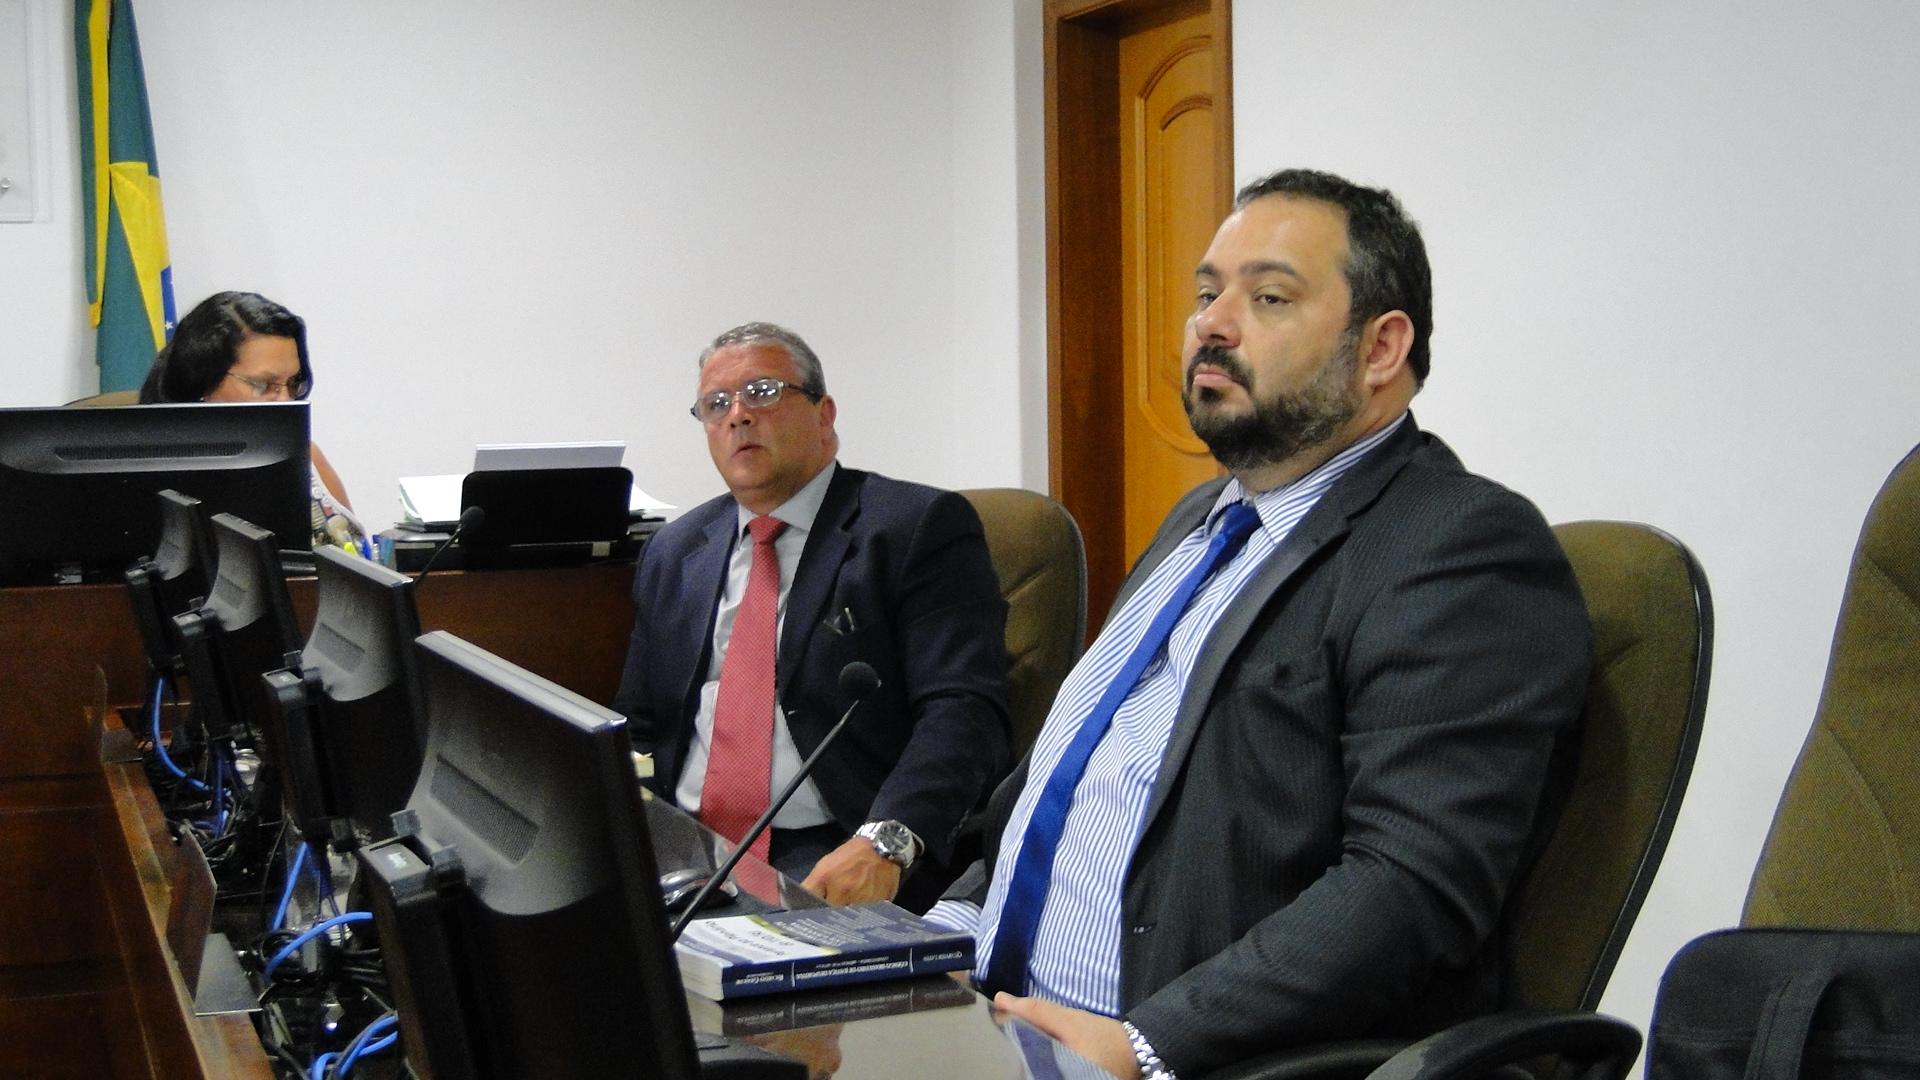 Segunda Comissão multa Tigres em R$ 5 mil e Artsul em R$ 1 mil